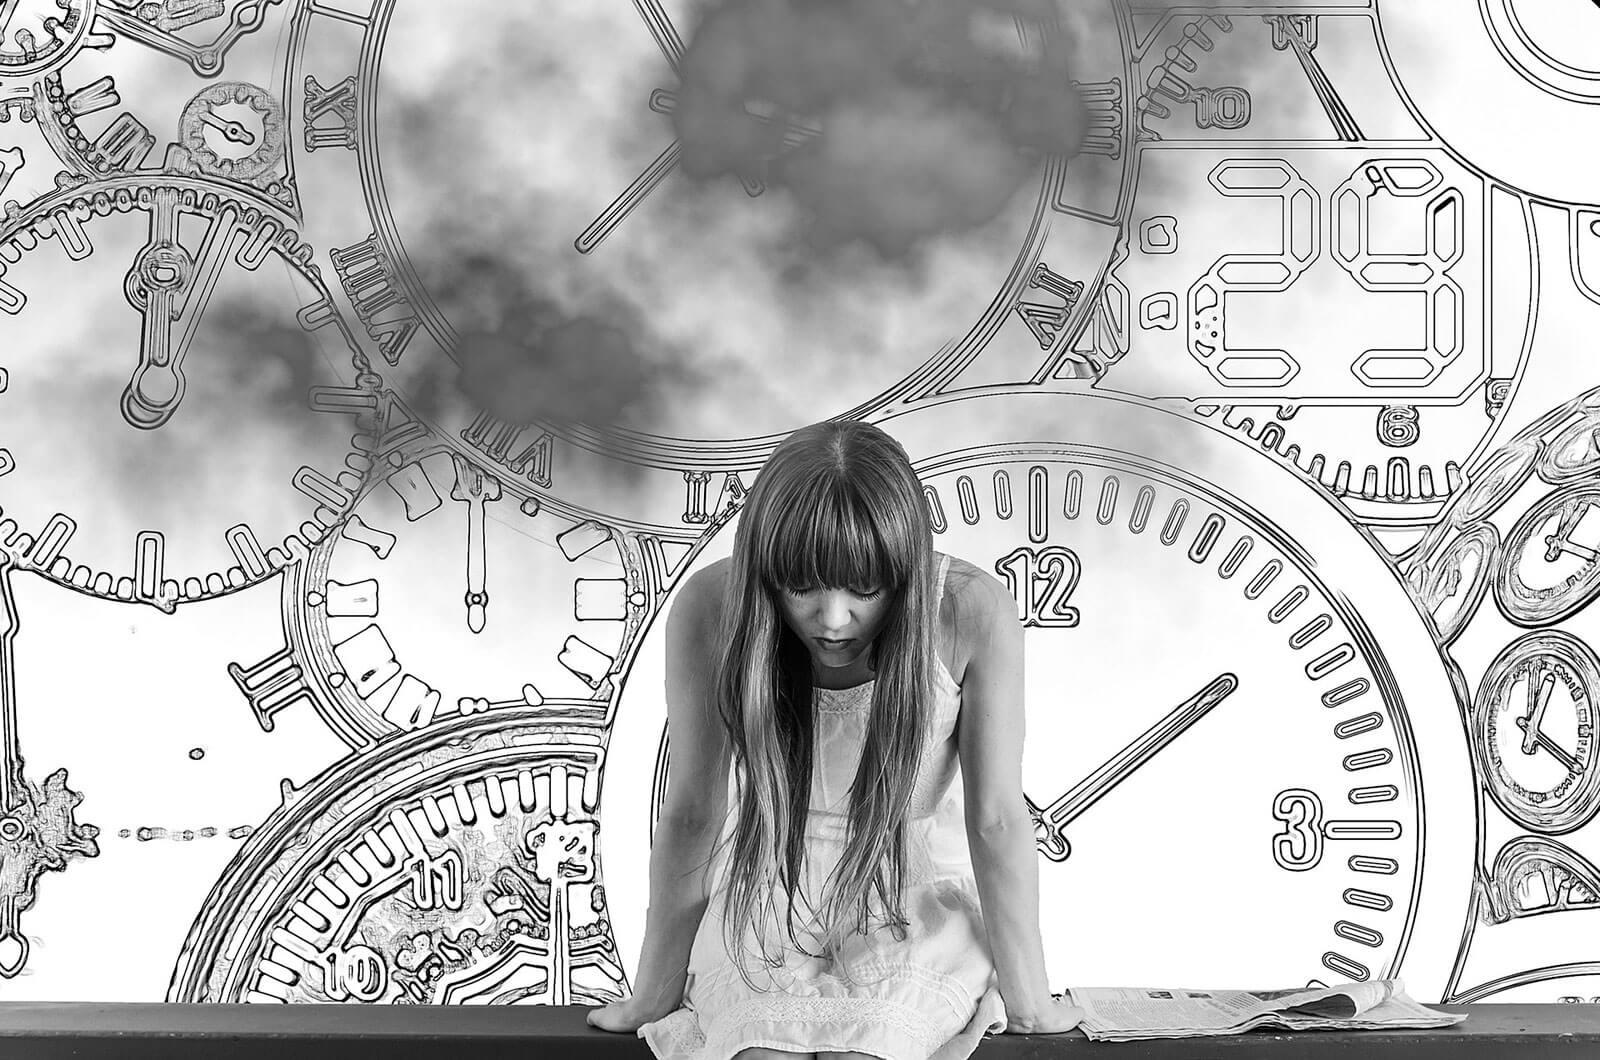 Rapariga sentada num banco, junto a um jornal e um fundo cheio de relógios.